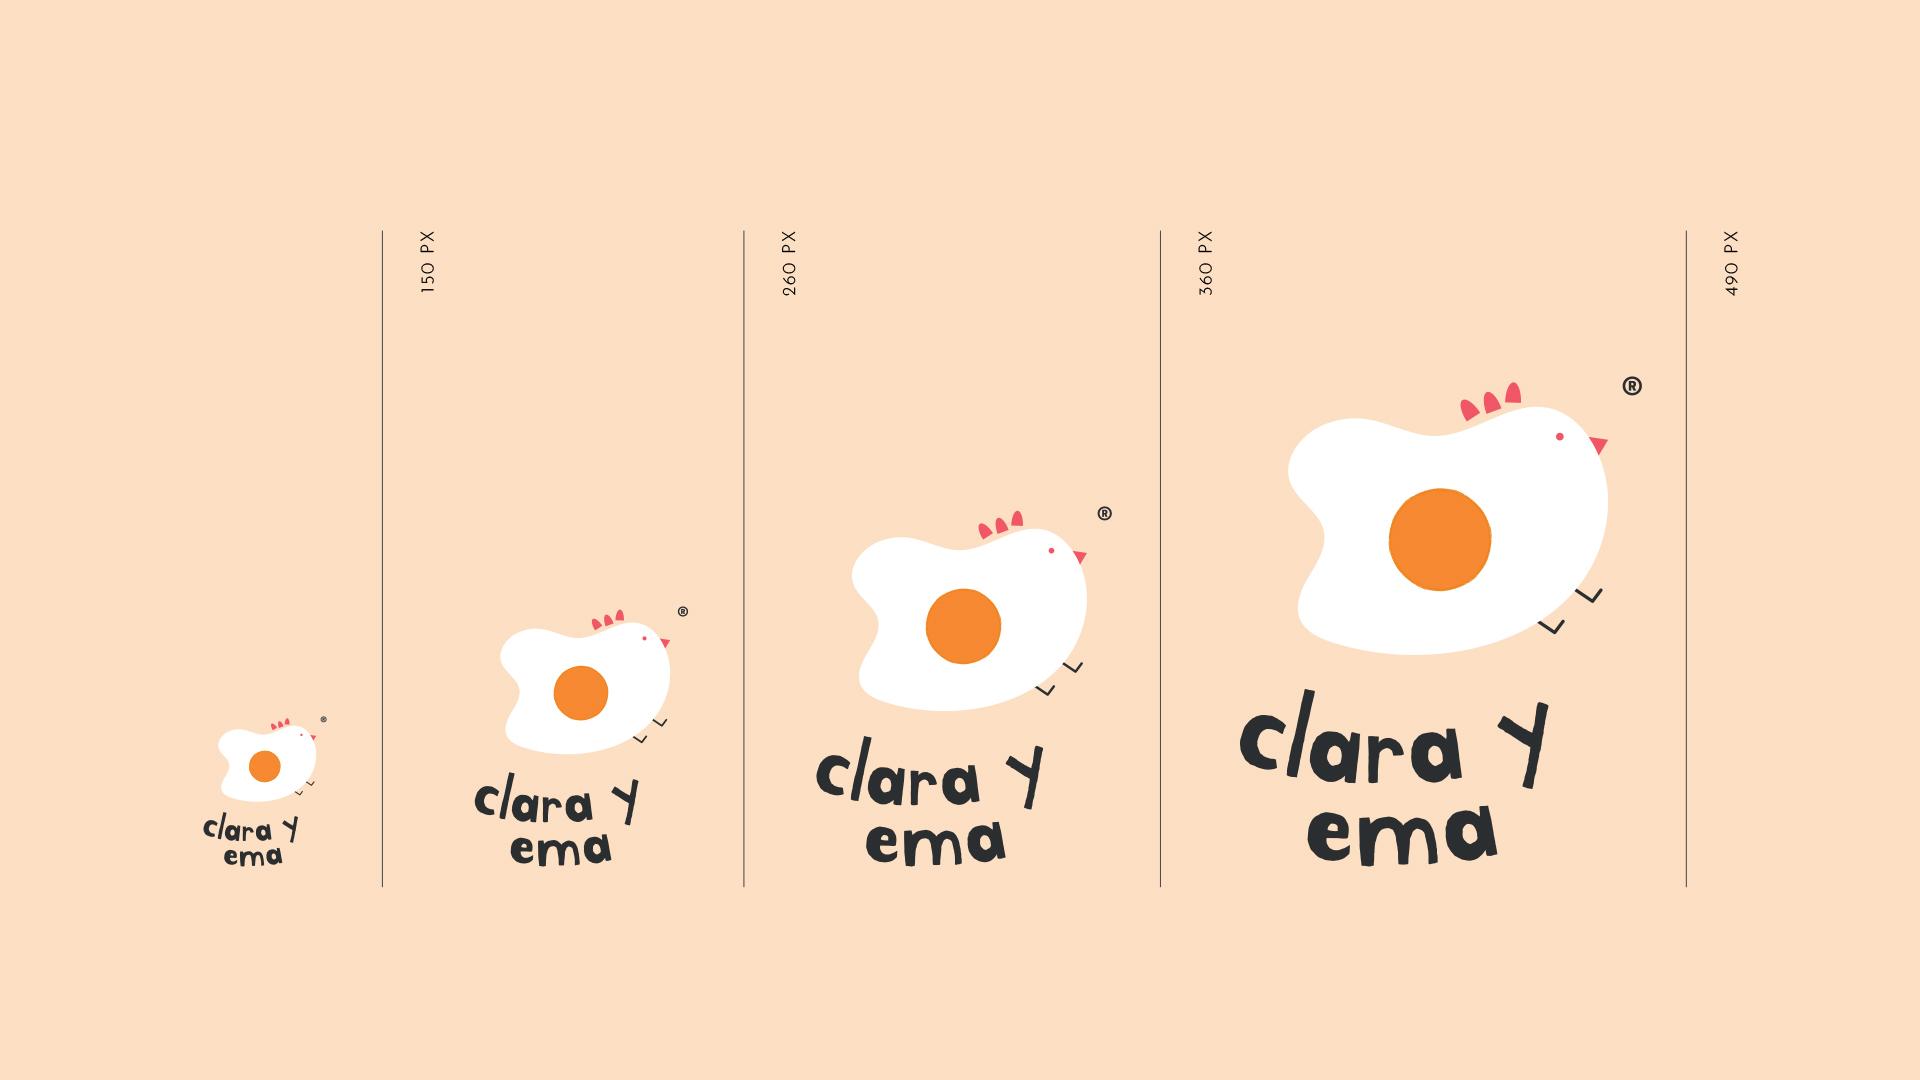 Clara y Ema